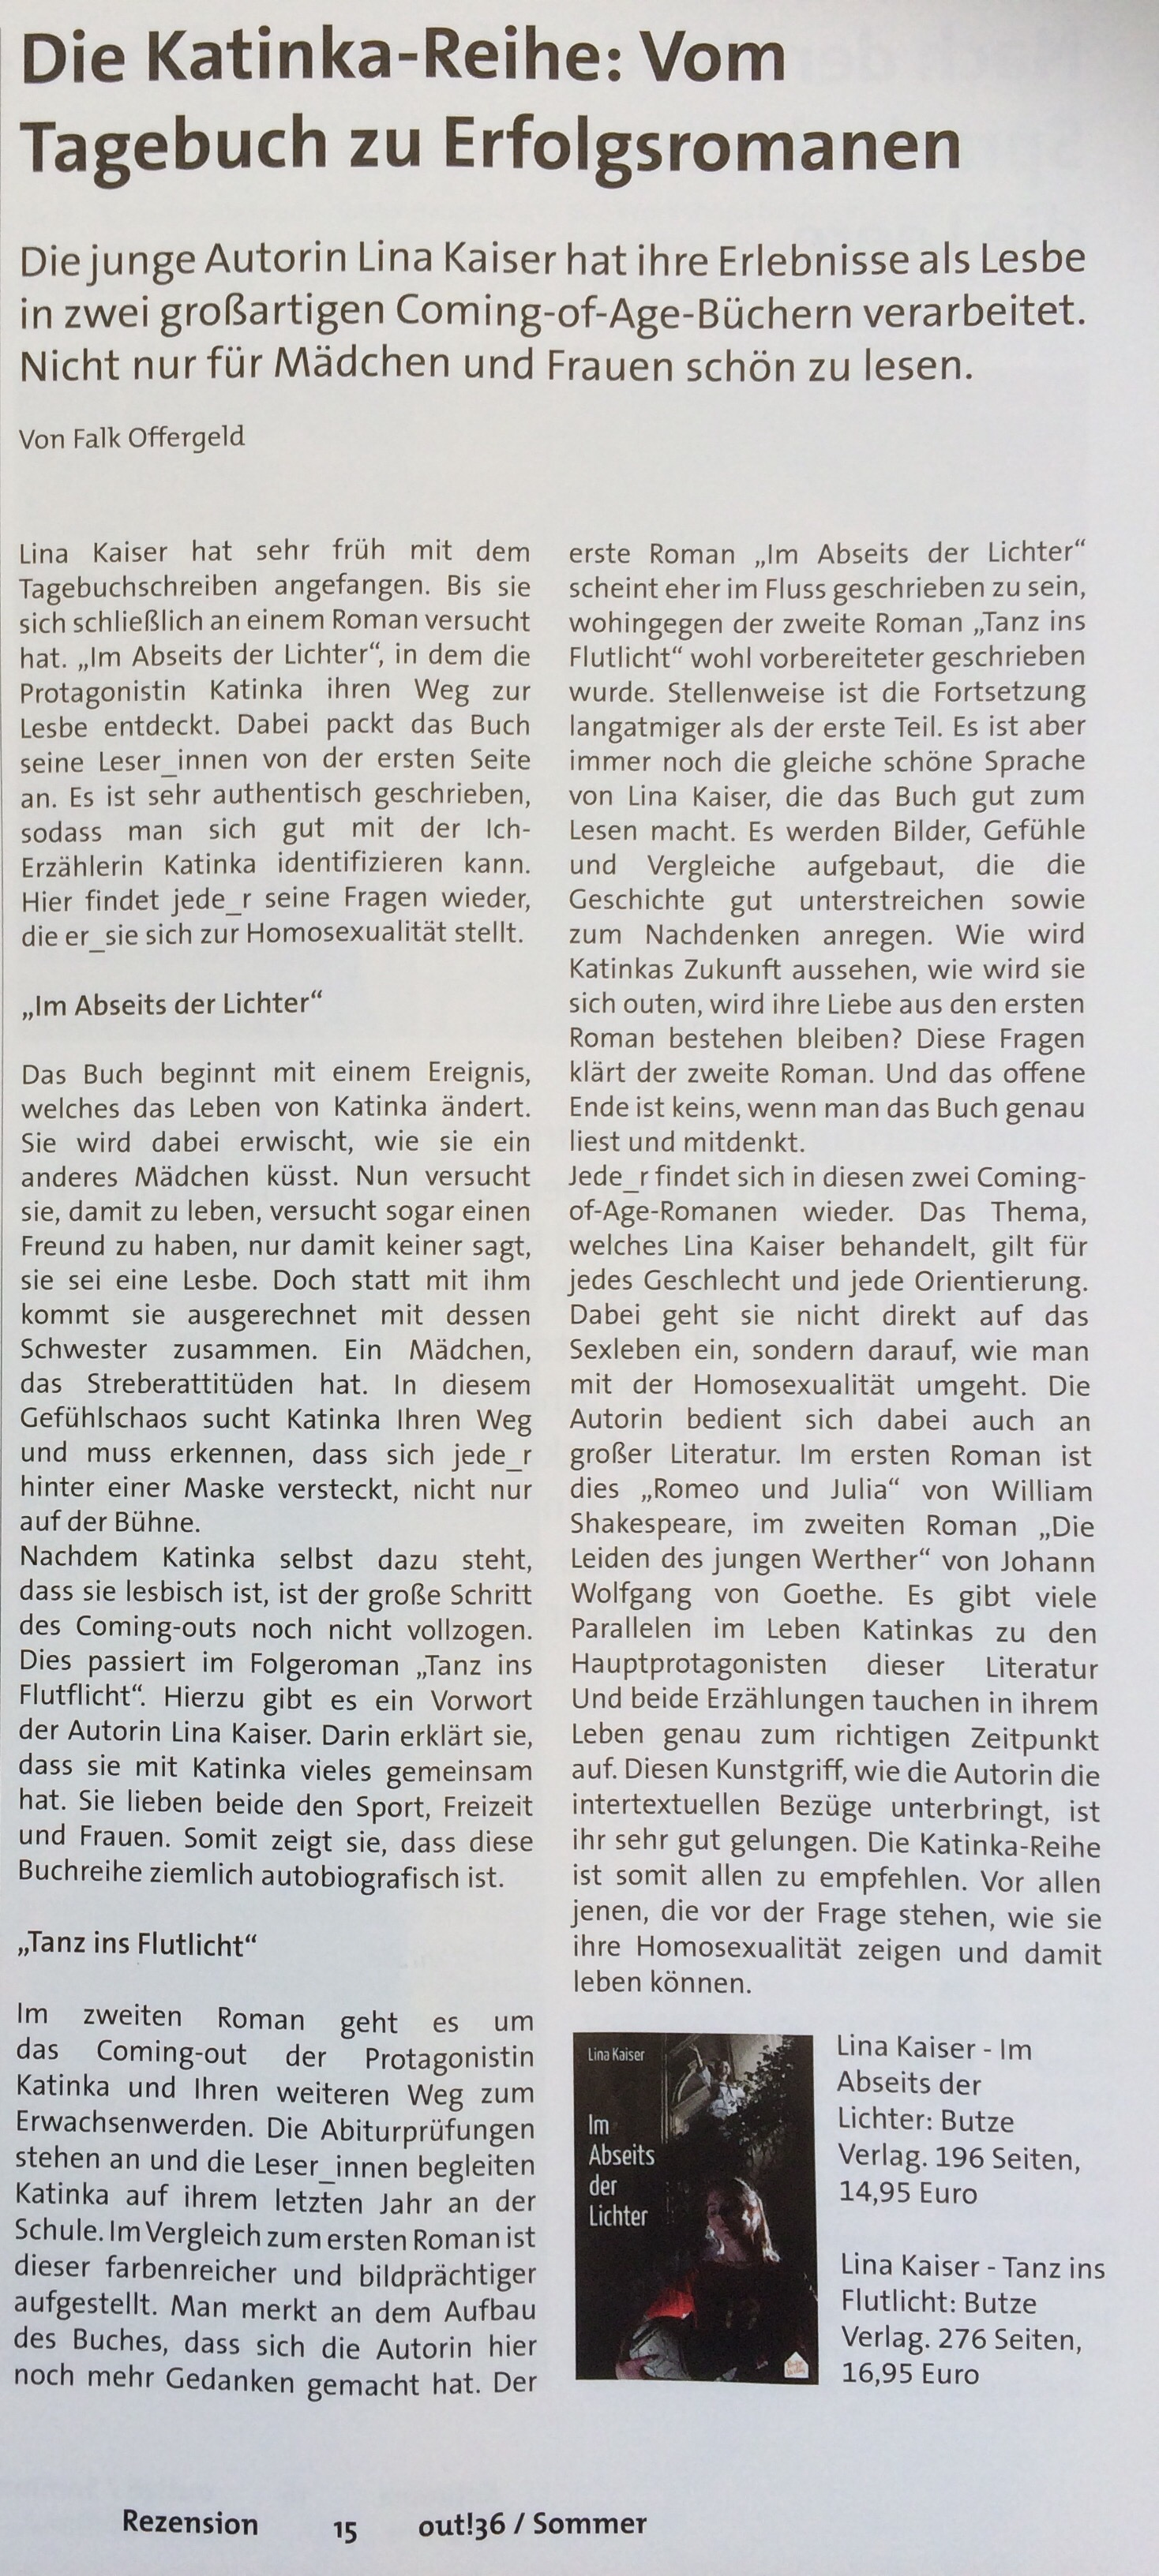 """Rezension von """"Im Abseits der Lichter"""" und """"Tanz ins Flutlicht"""" von Lina Kaiser im out! Magazin"""